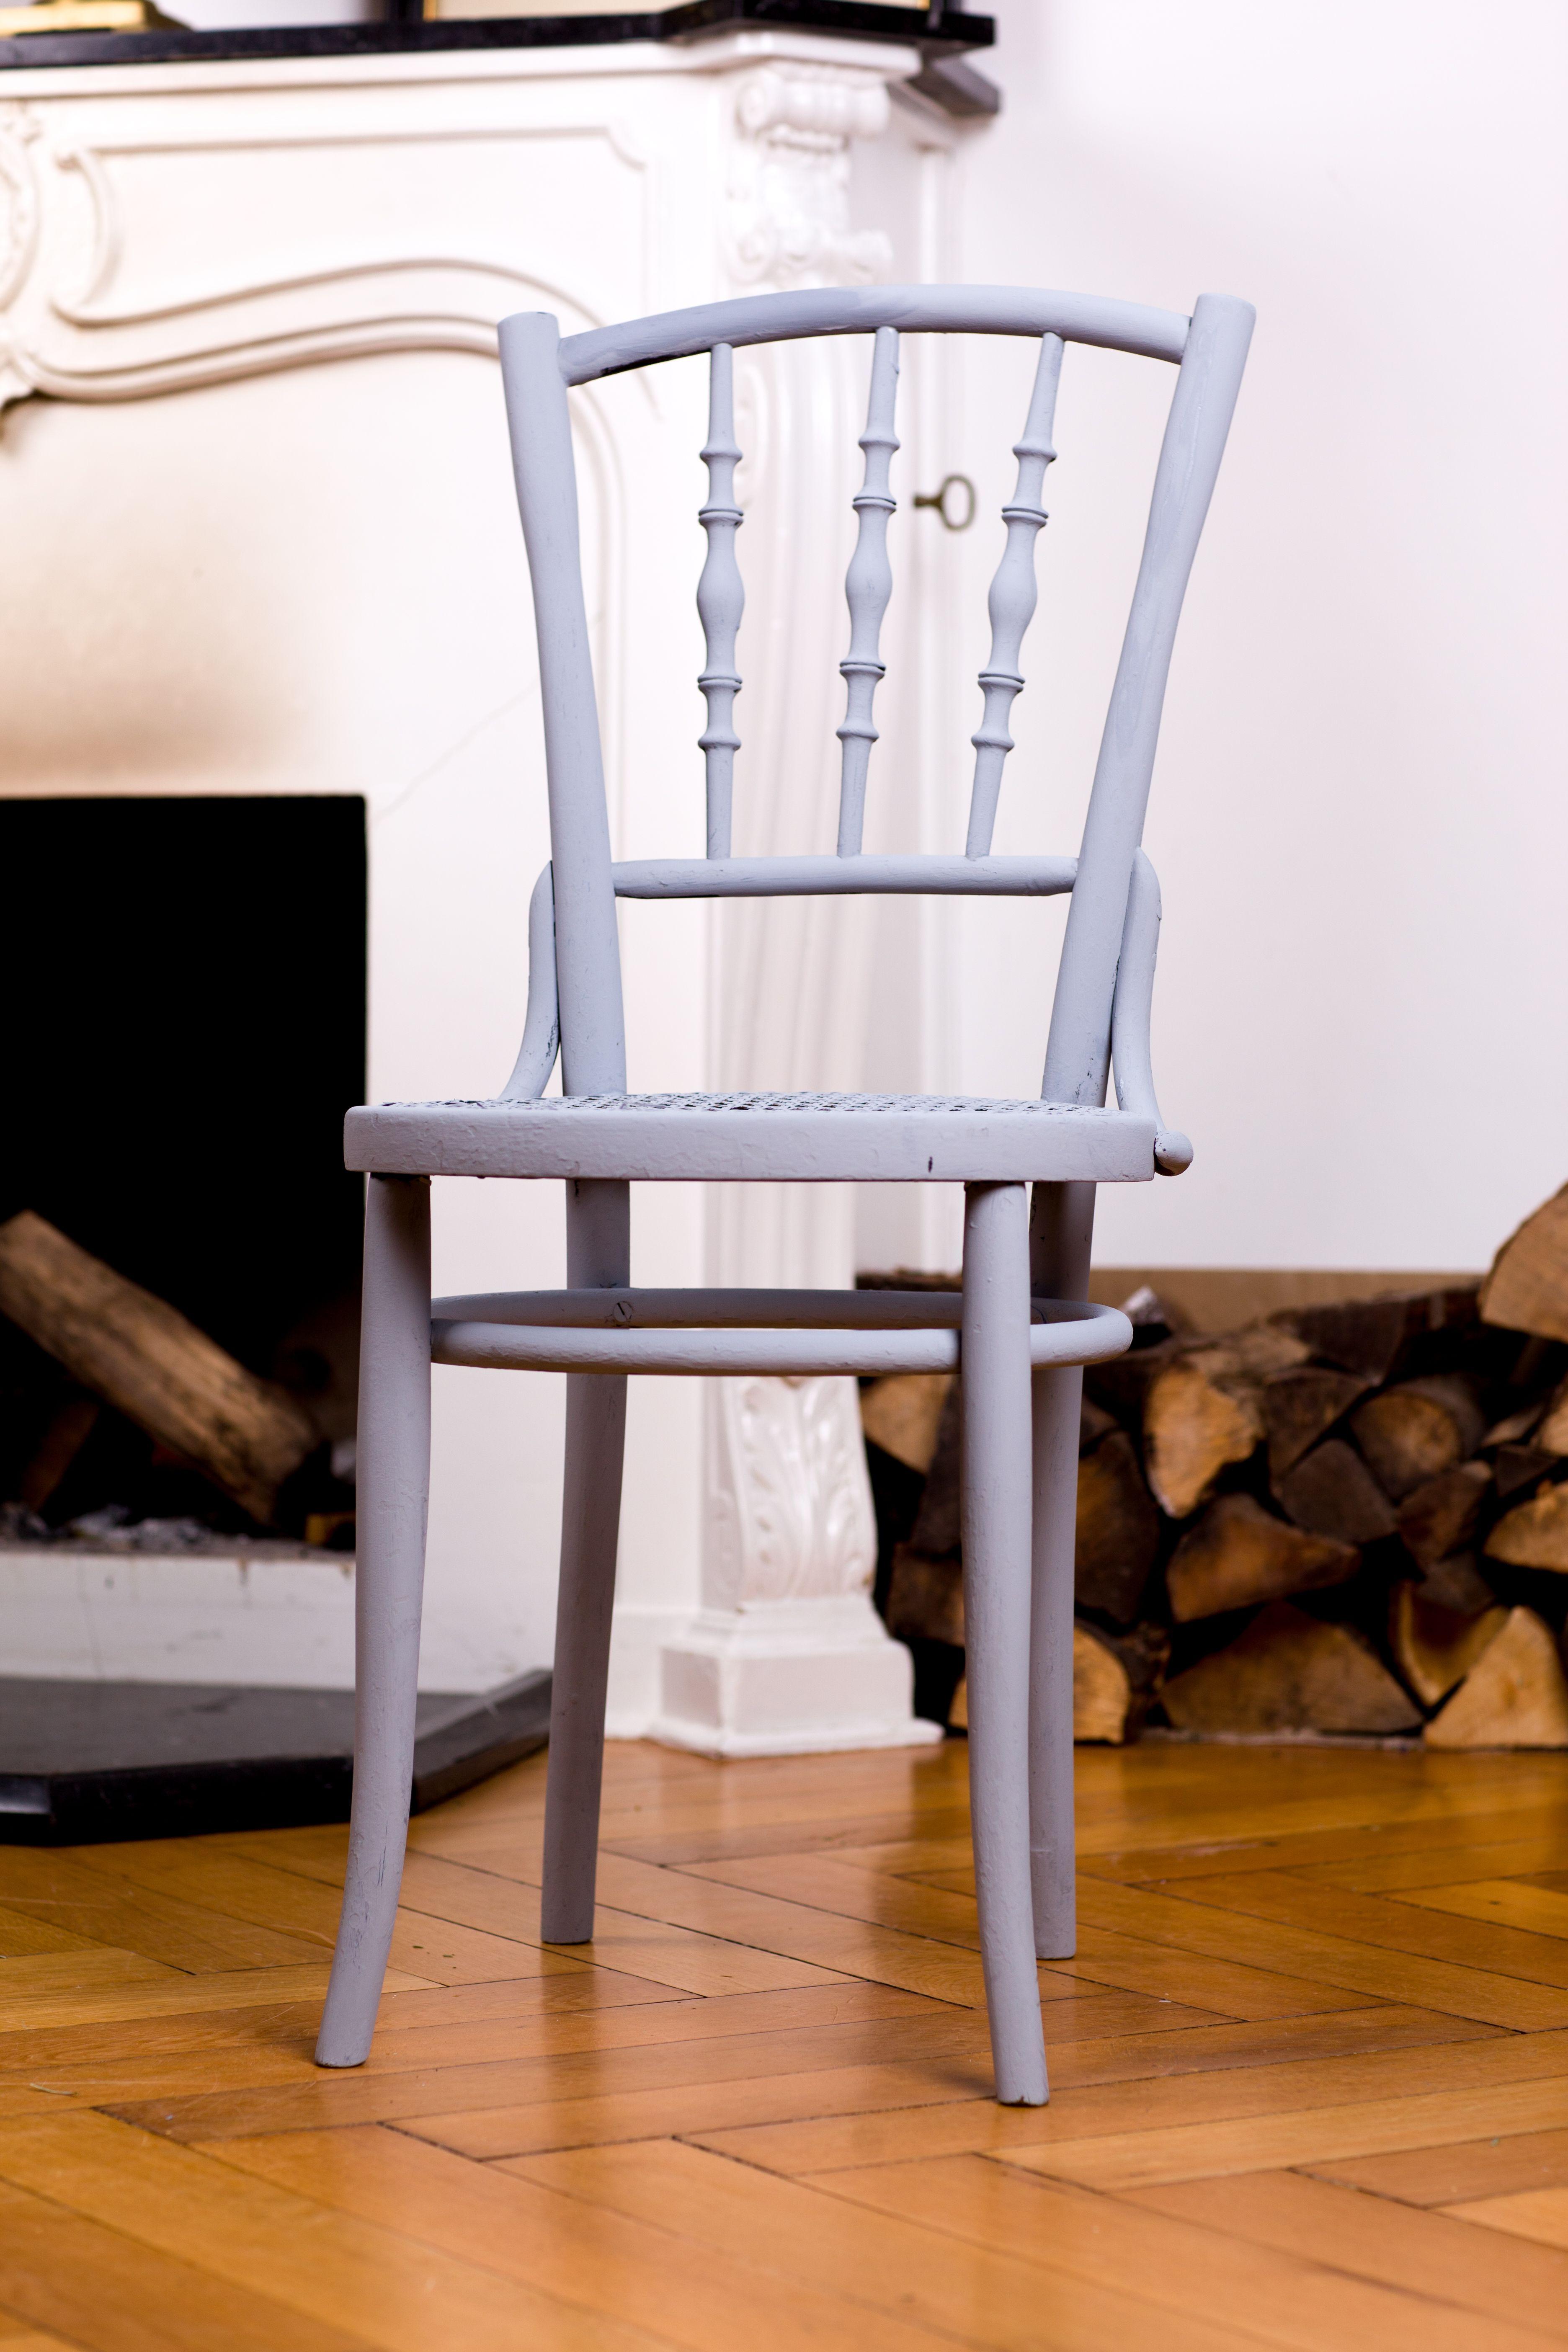 Alten Lackierten Stuhl Mit Kreide Emulsion Streichen In